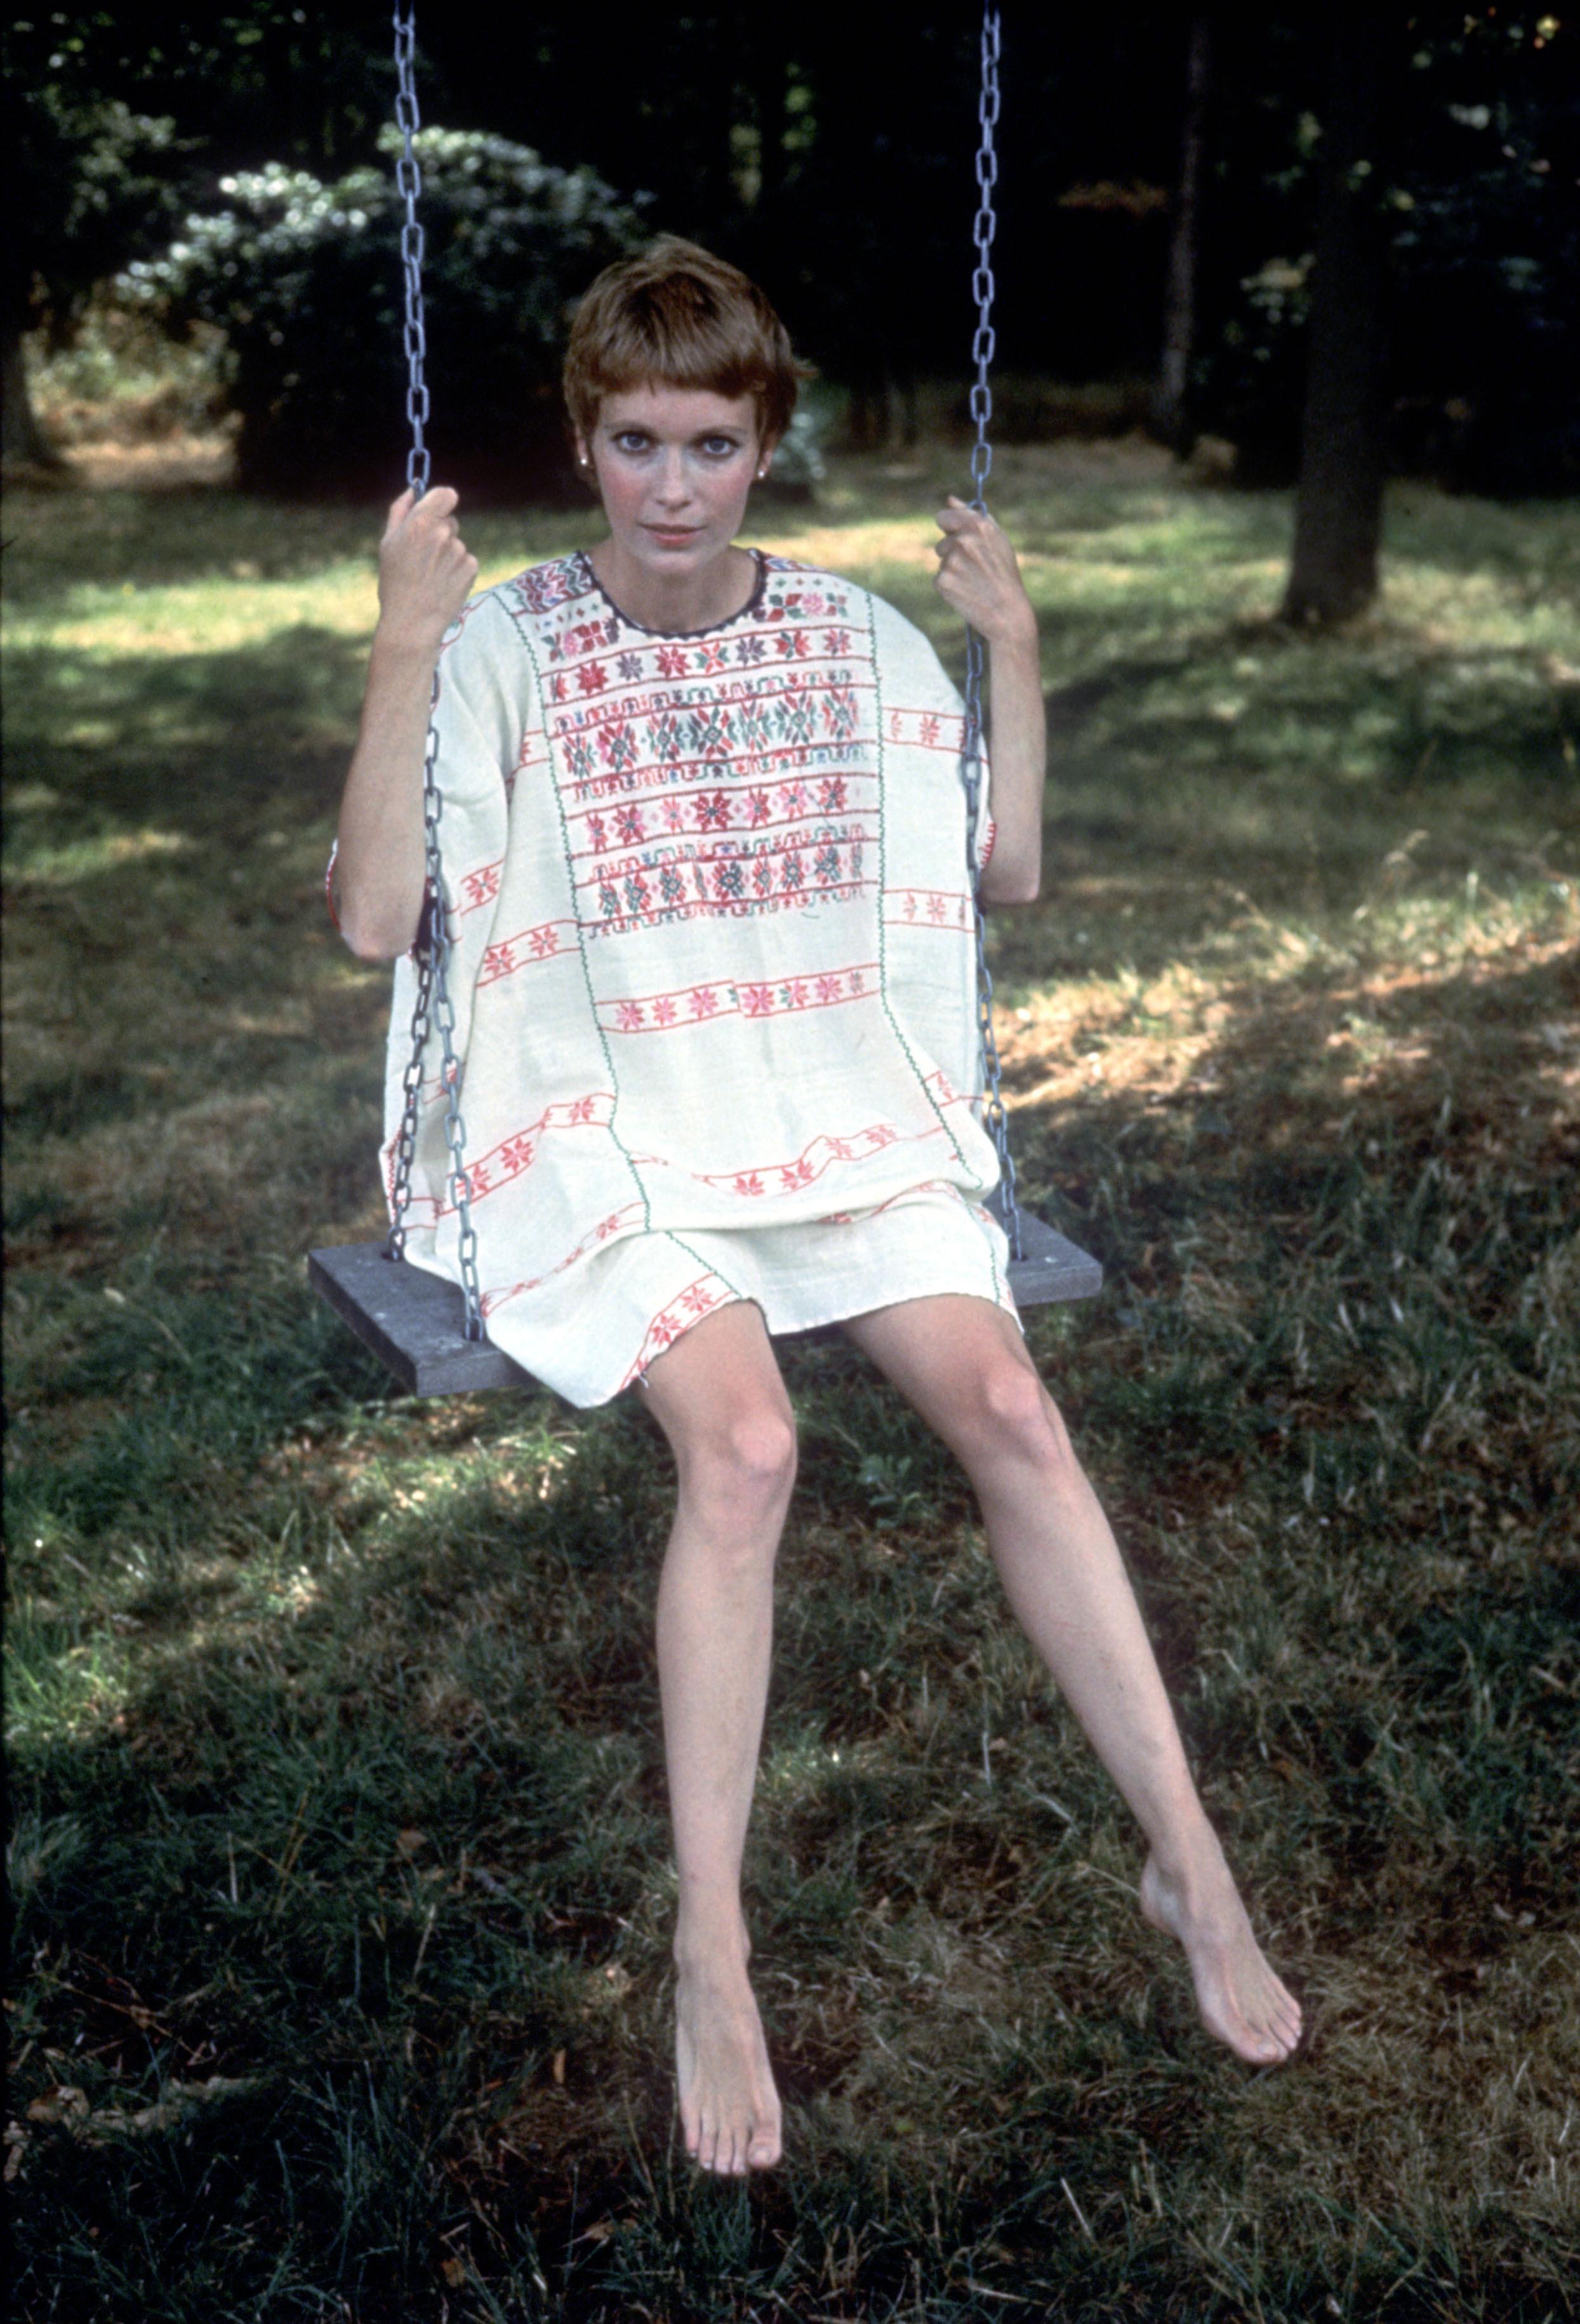 https://pics.wikifeet.com/Mia-Farrow-Feet-2488624.jpg